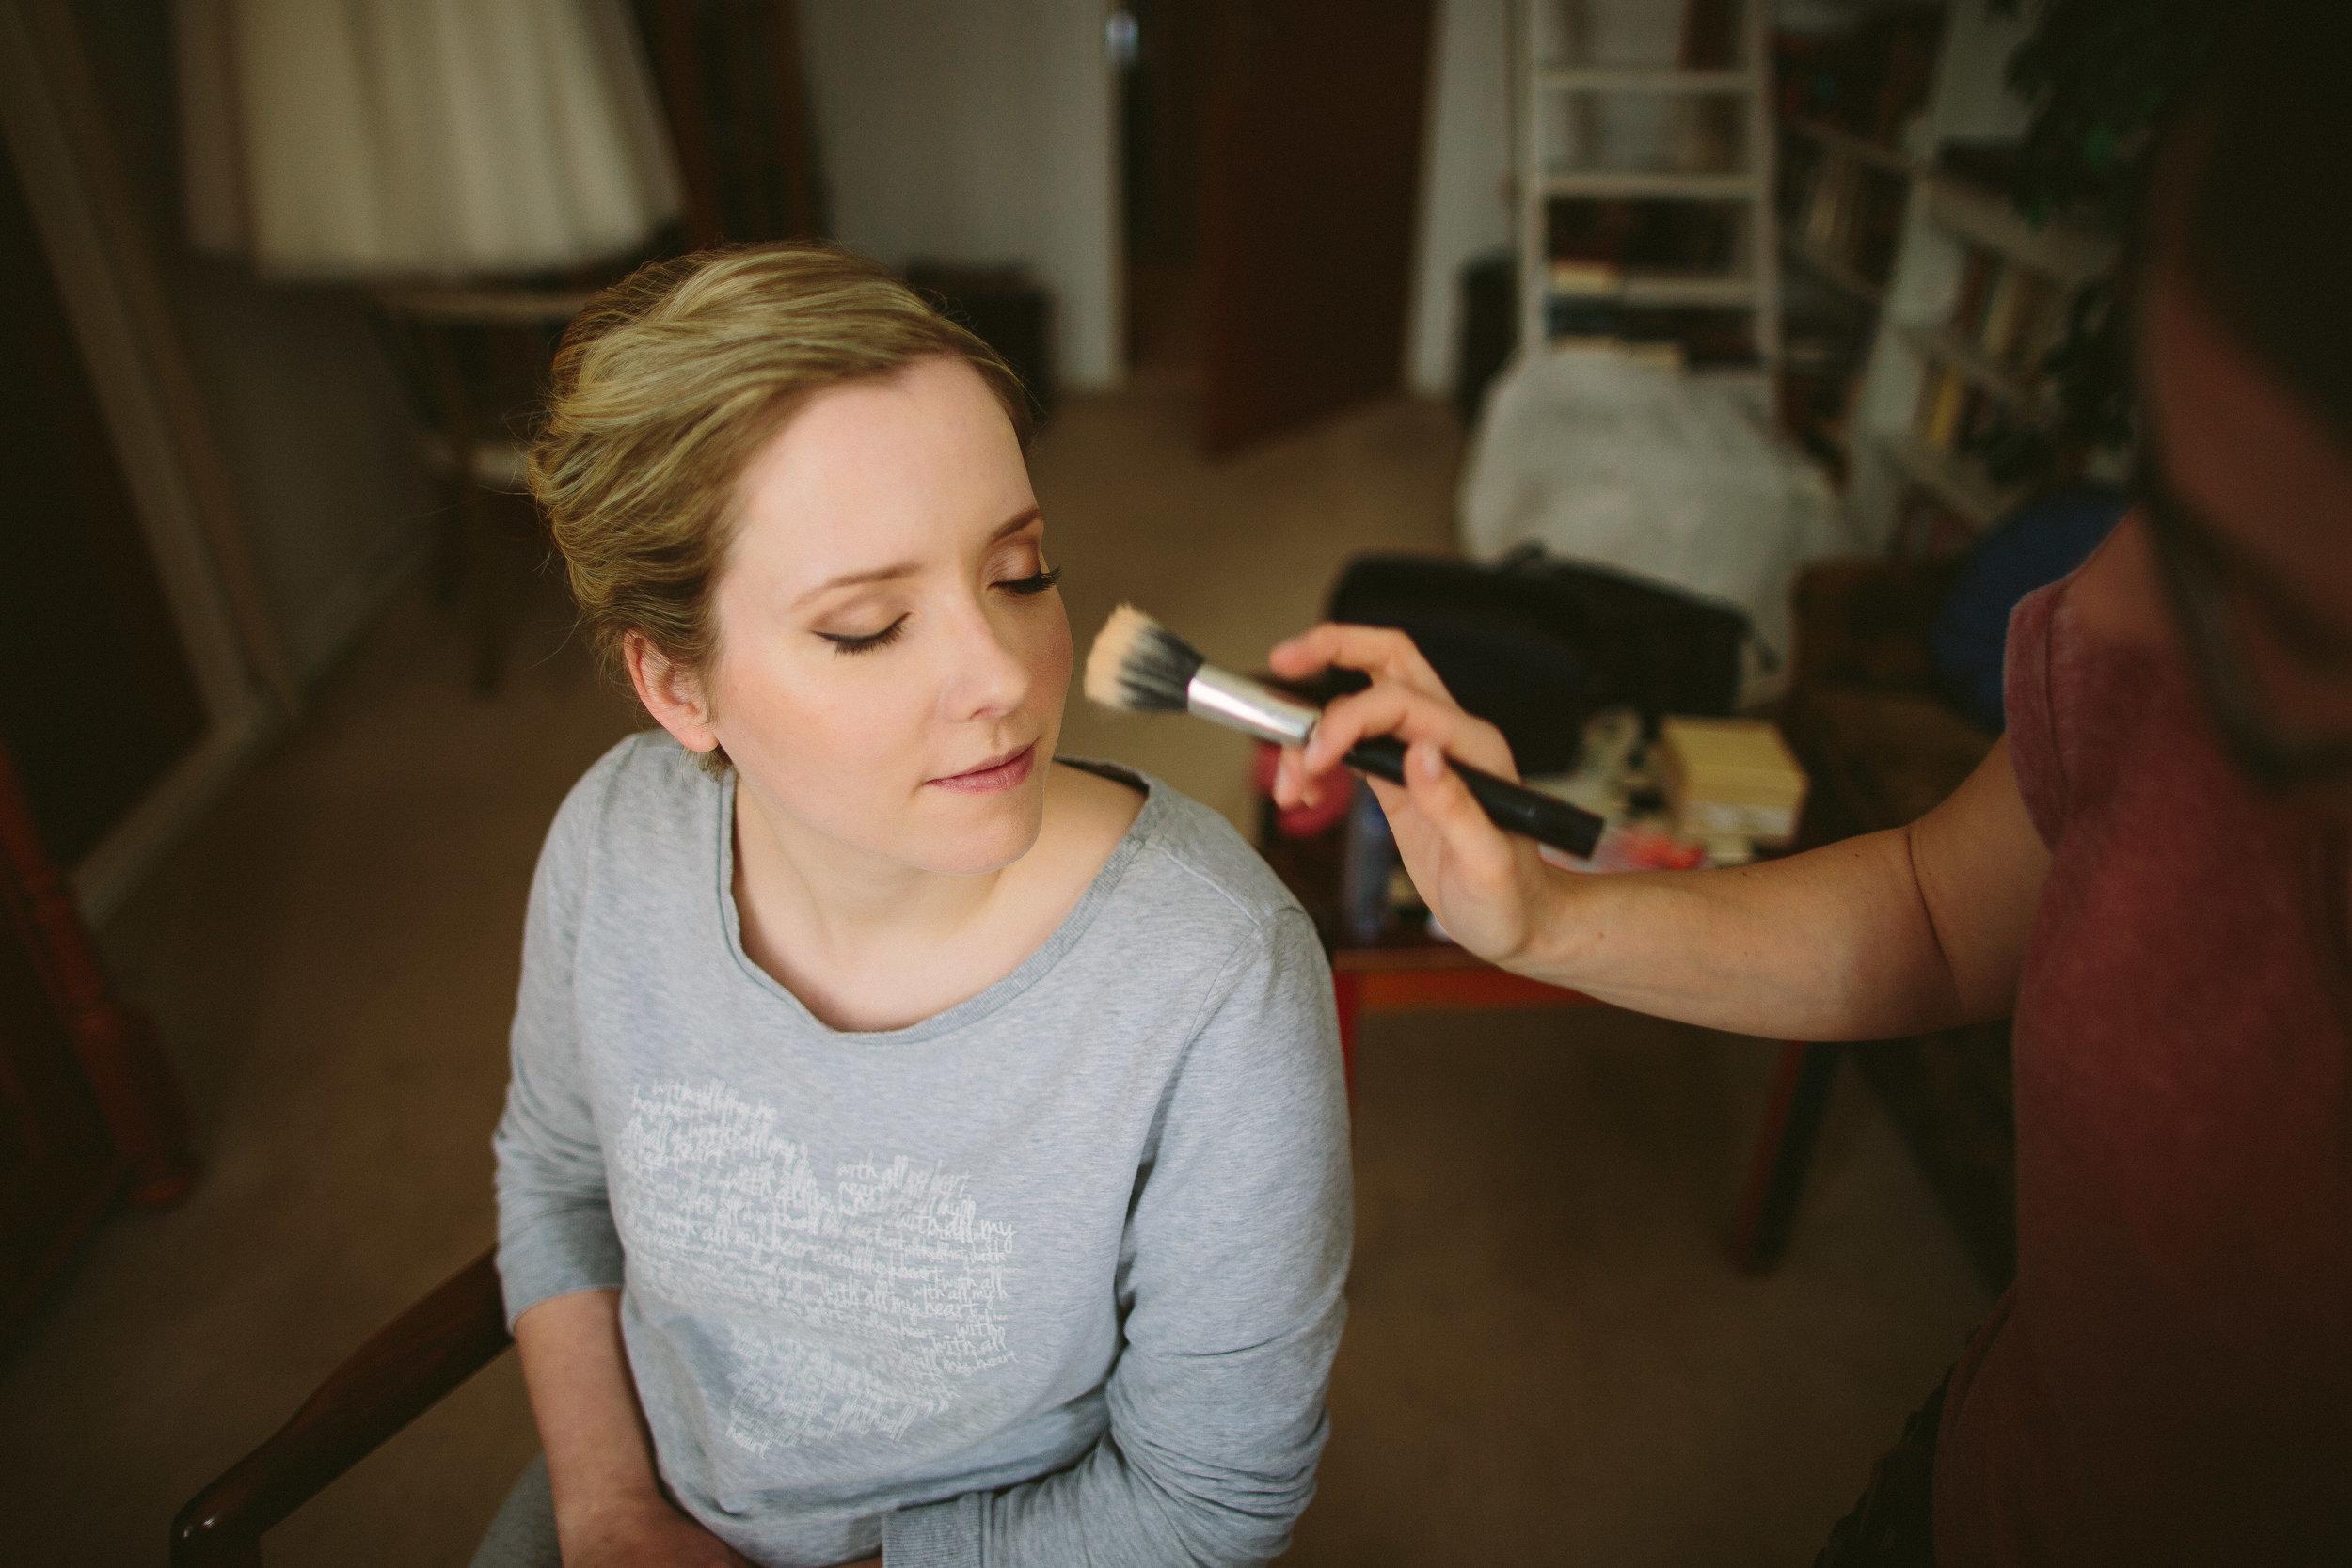 - Du möchten Dich an Deinem schönsten Tag lieber selber schminken? Dann ist dieses Angebot perfekt für Dich. Wir besprechen vorab gemeinsam Deinen Look und ich zeige Dir dann Schritt für Schritt mit welchen Produkten und Techniken Du ein langanhaltendes, strahlendes Hochzeitsmake-up zauberst.